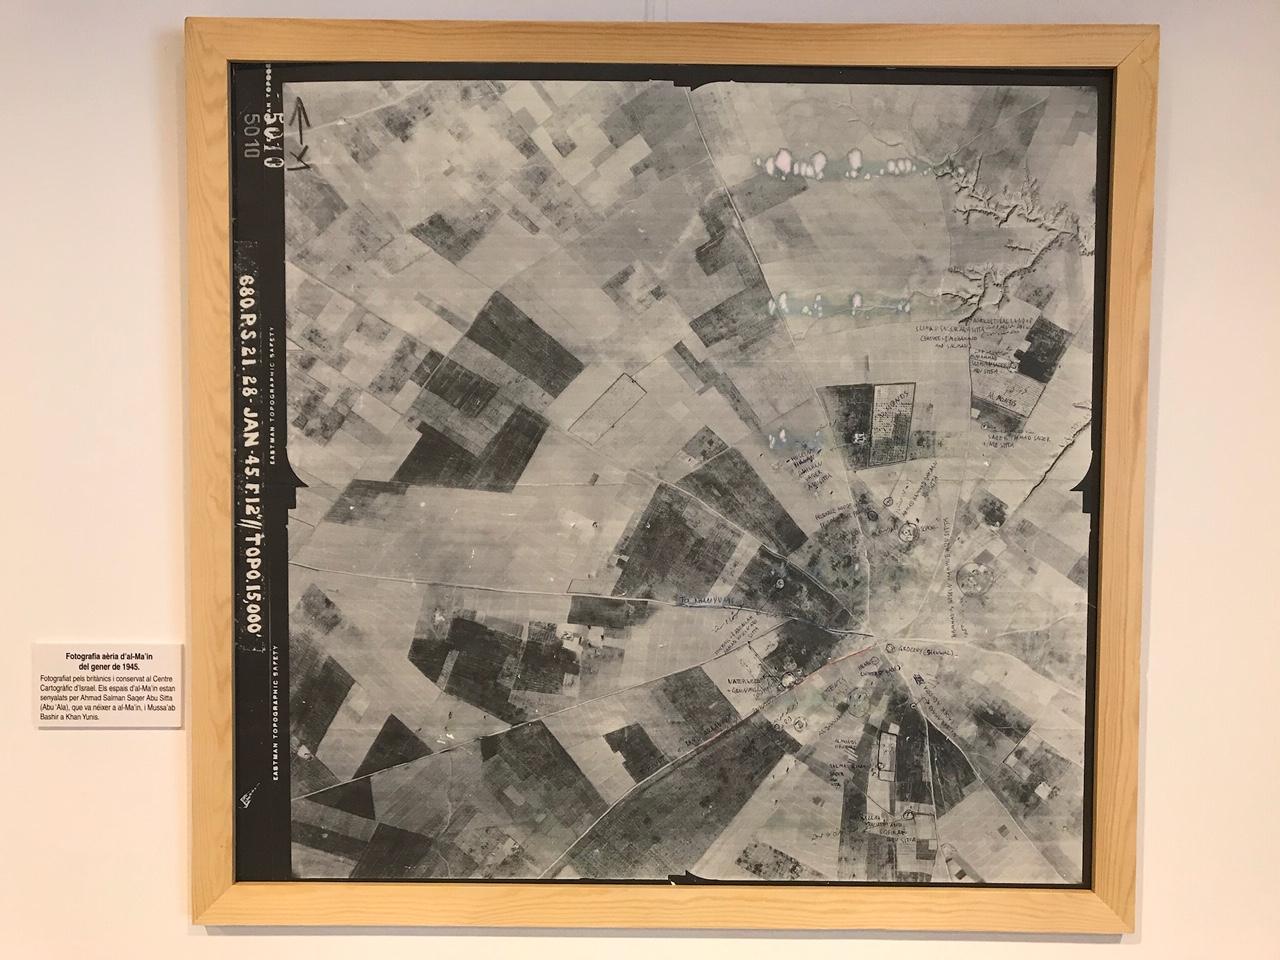 Fotografia aèria d'al-Ma'in del 1945